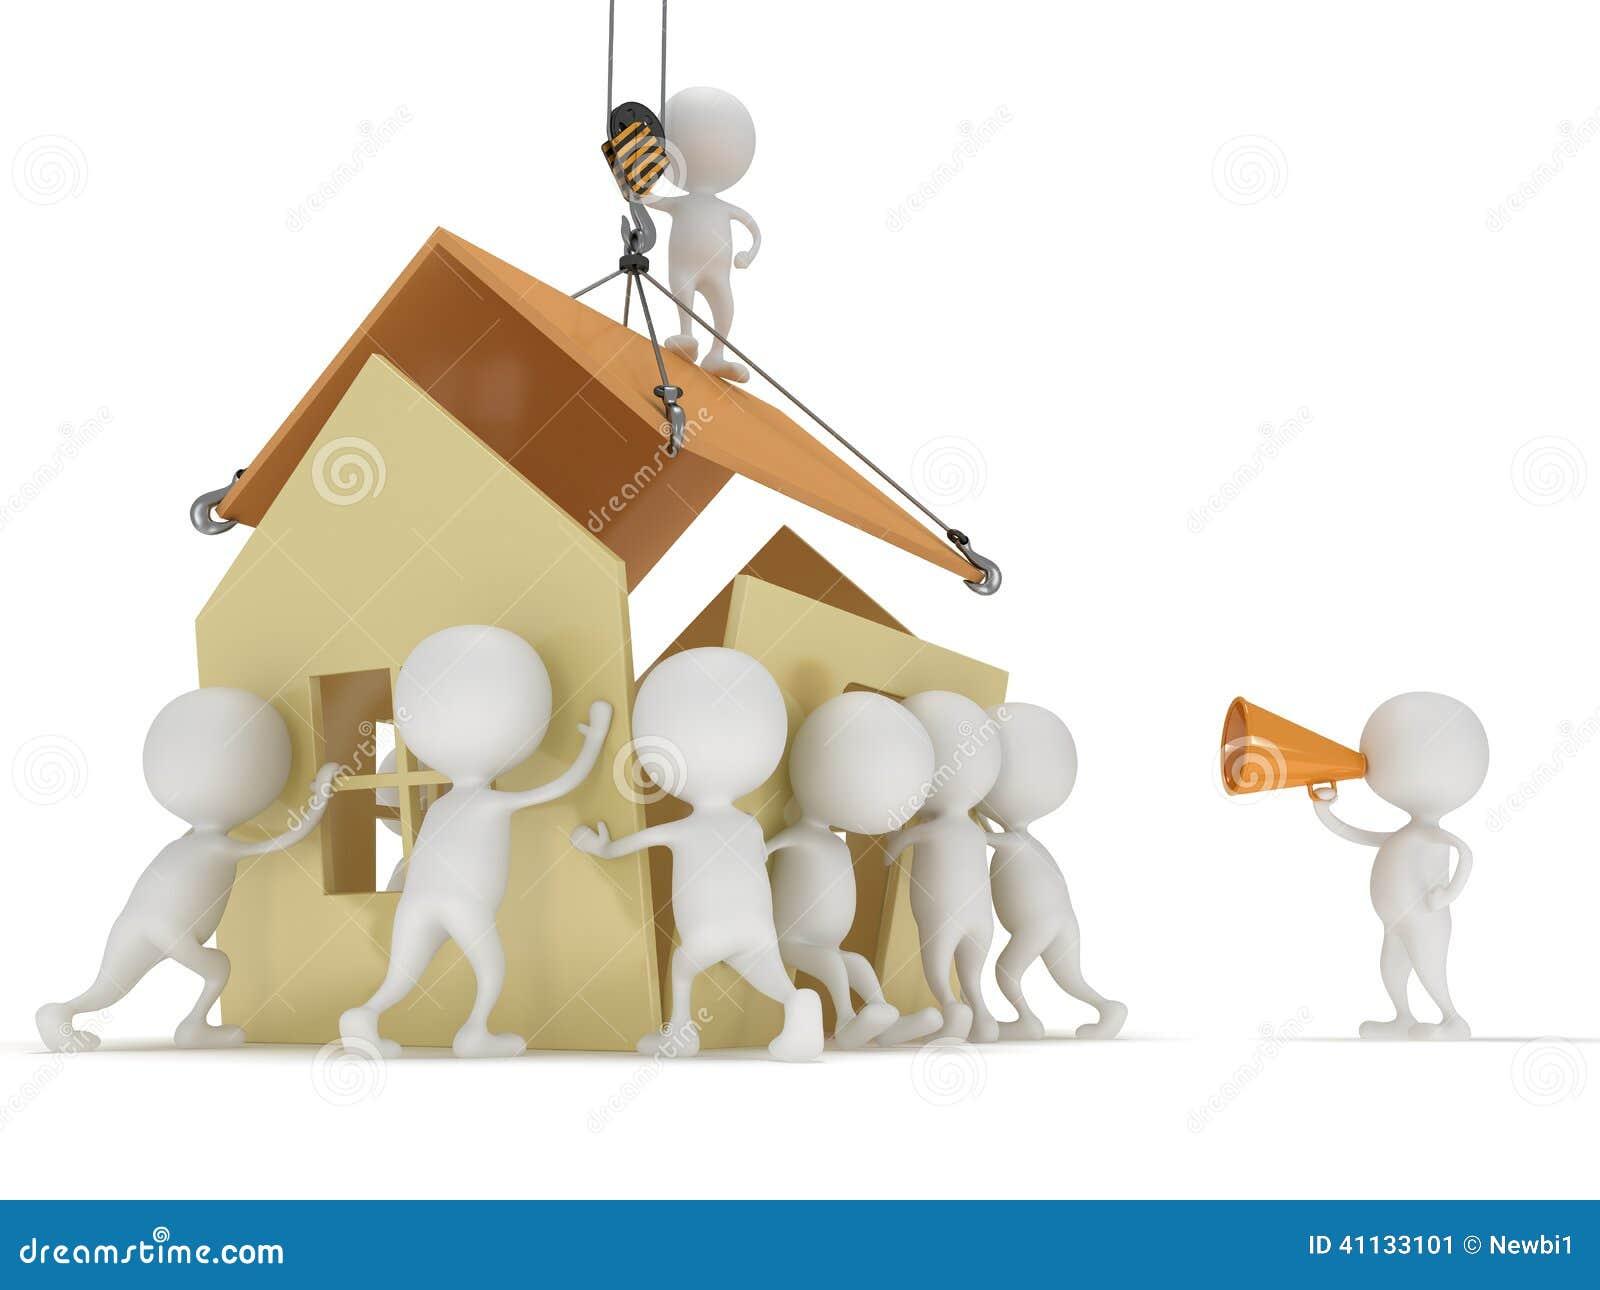 Haus bauen clipart  Leute 3D Bauen Ein Haus Stock Abbildung - Bild: 41133101